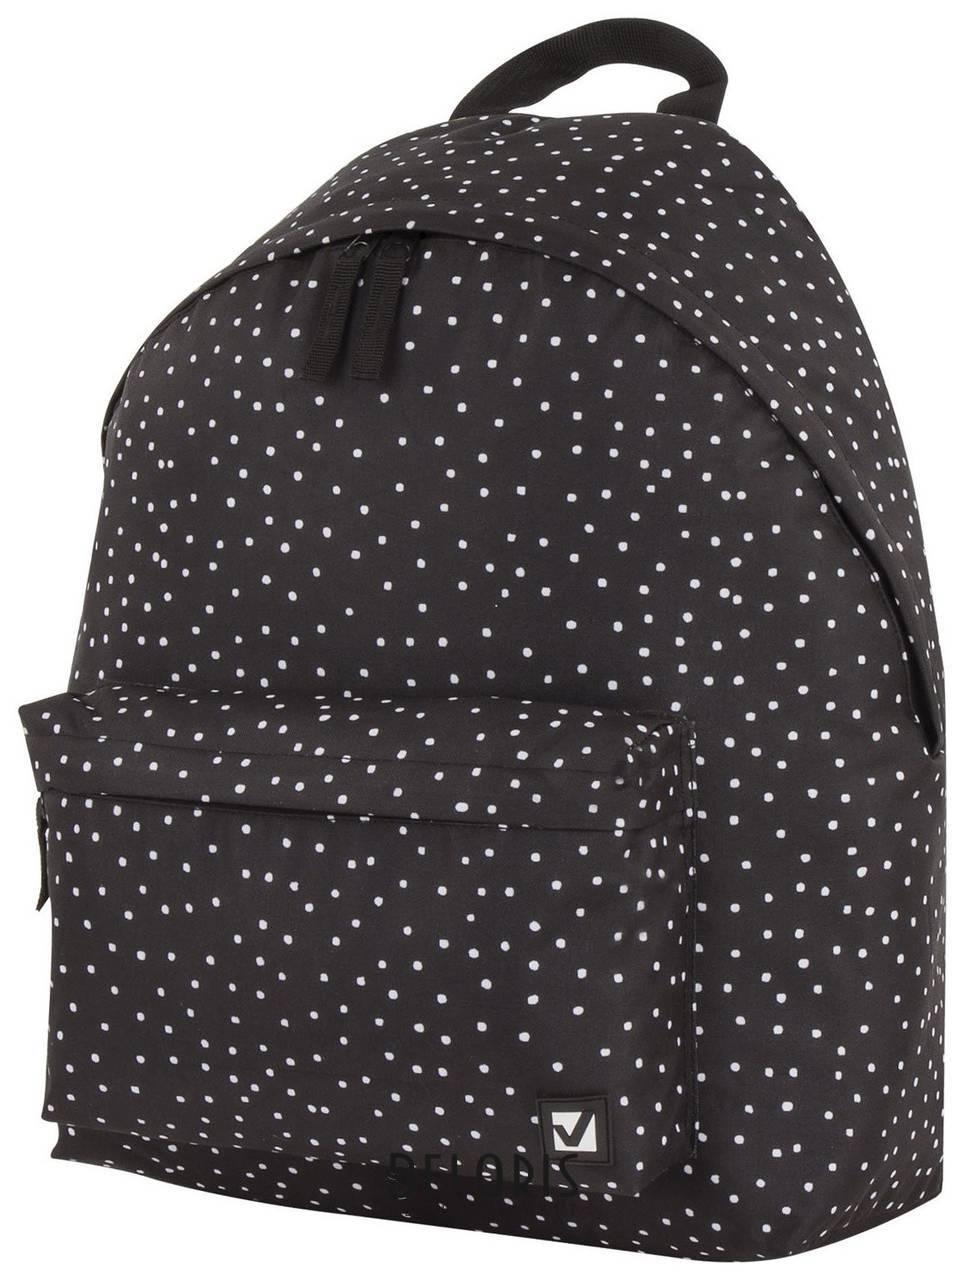 Рюкзак BRAUBERG, универсальный, сити-формат, черный в горошек, 20 литров, 41х32х14 см Brauberg